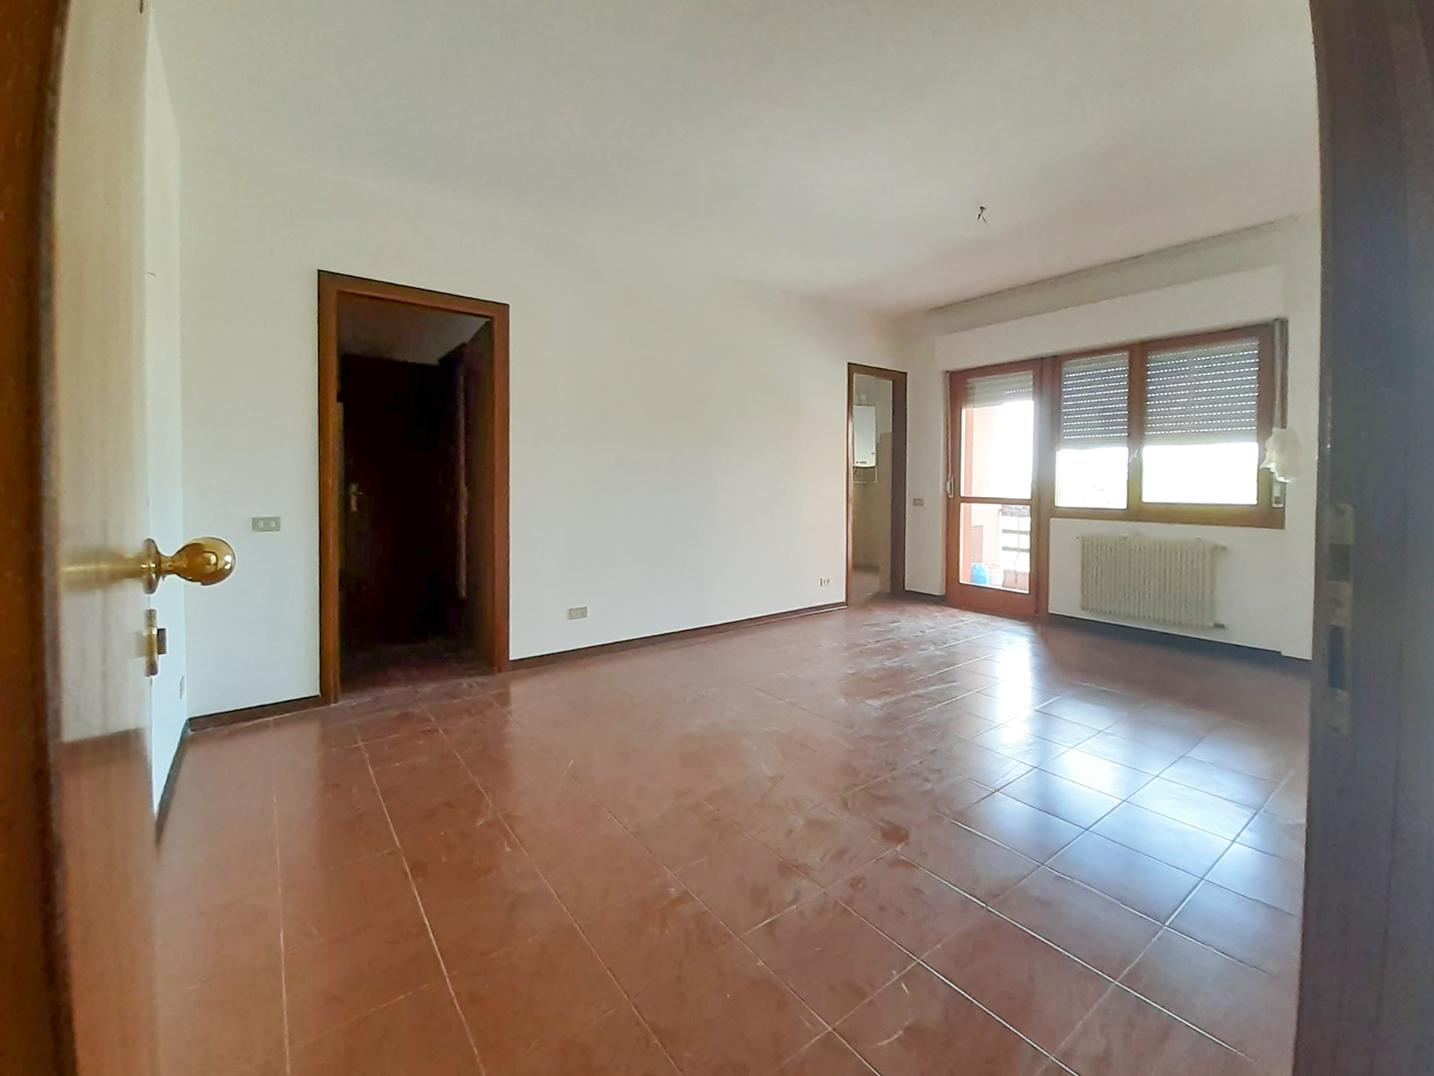 Appartamento luminoso e panoramico, Zona Colleverde -Macerata